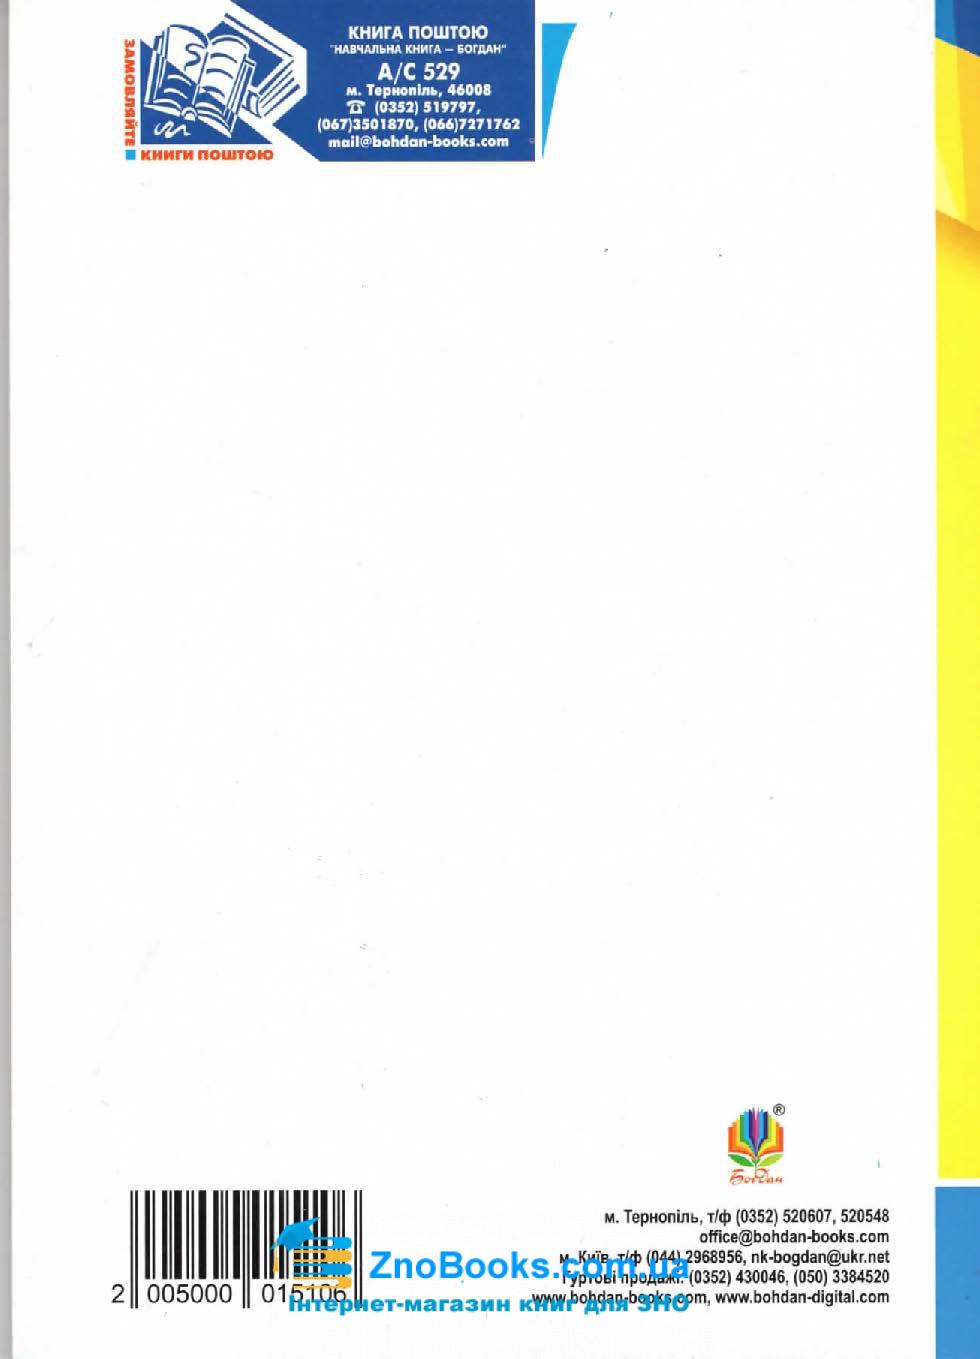 ЗНО Українська мова. Грамотність без репетитора : Ющук І. Навчальна книга - Богдан. купити 11